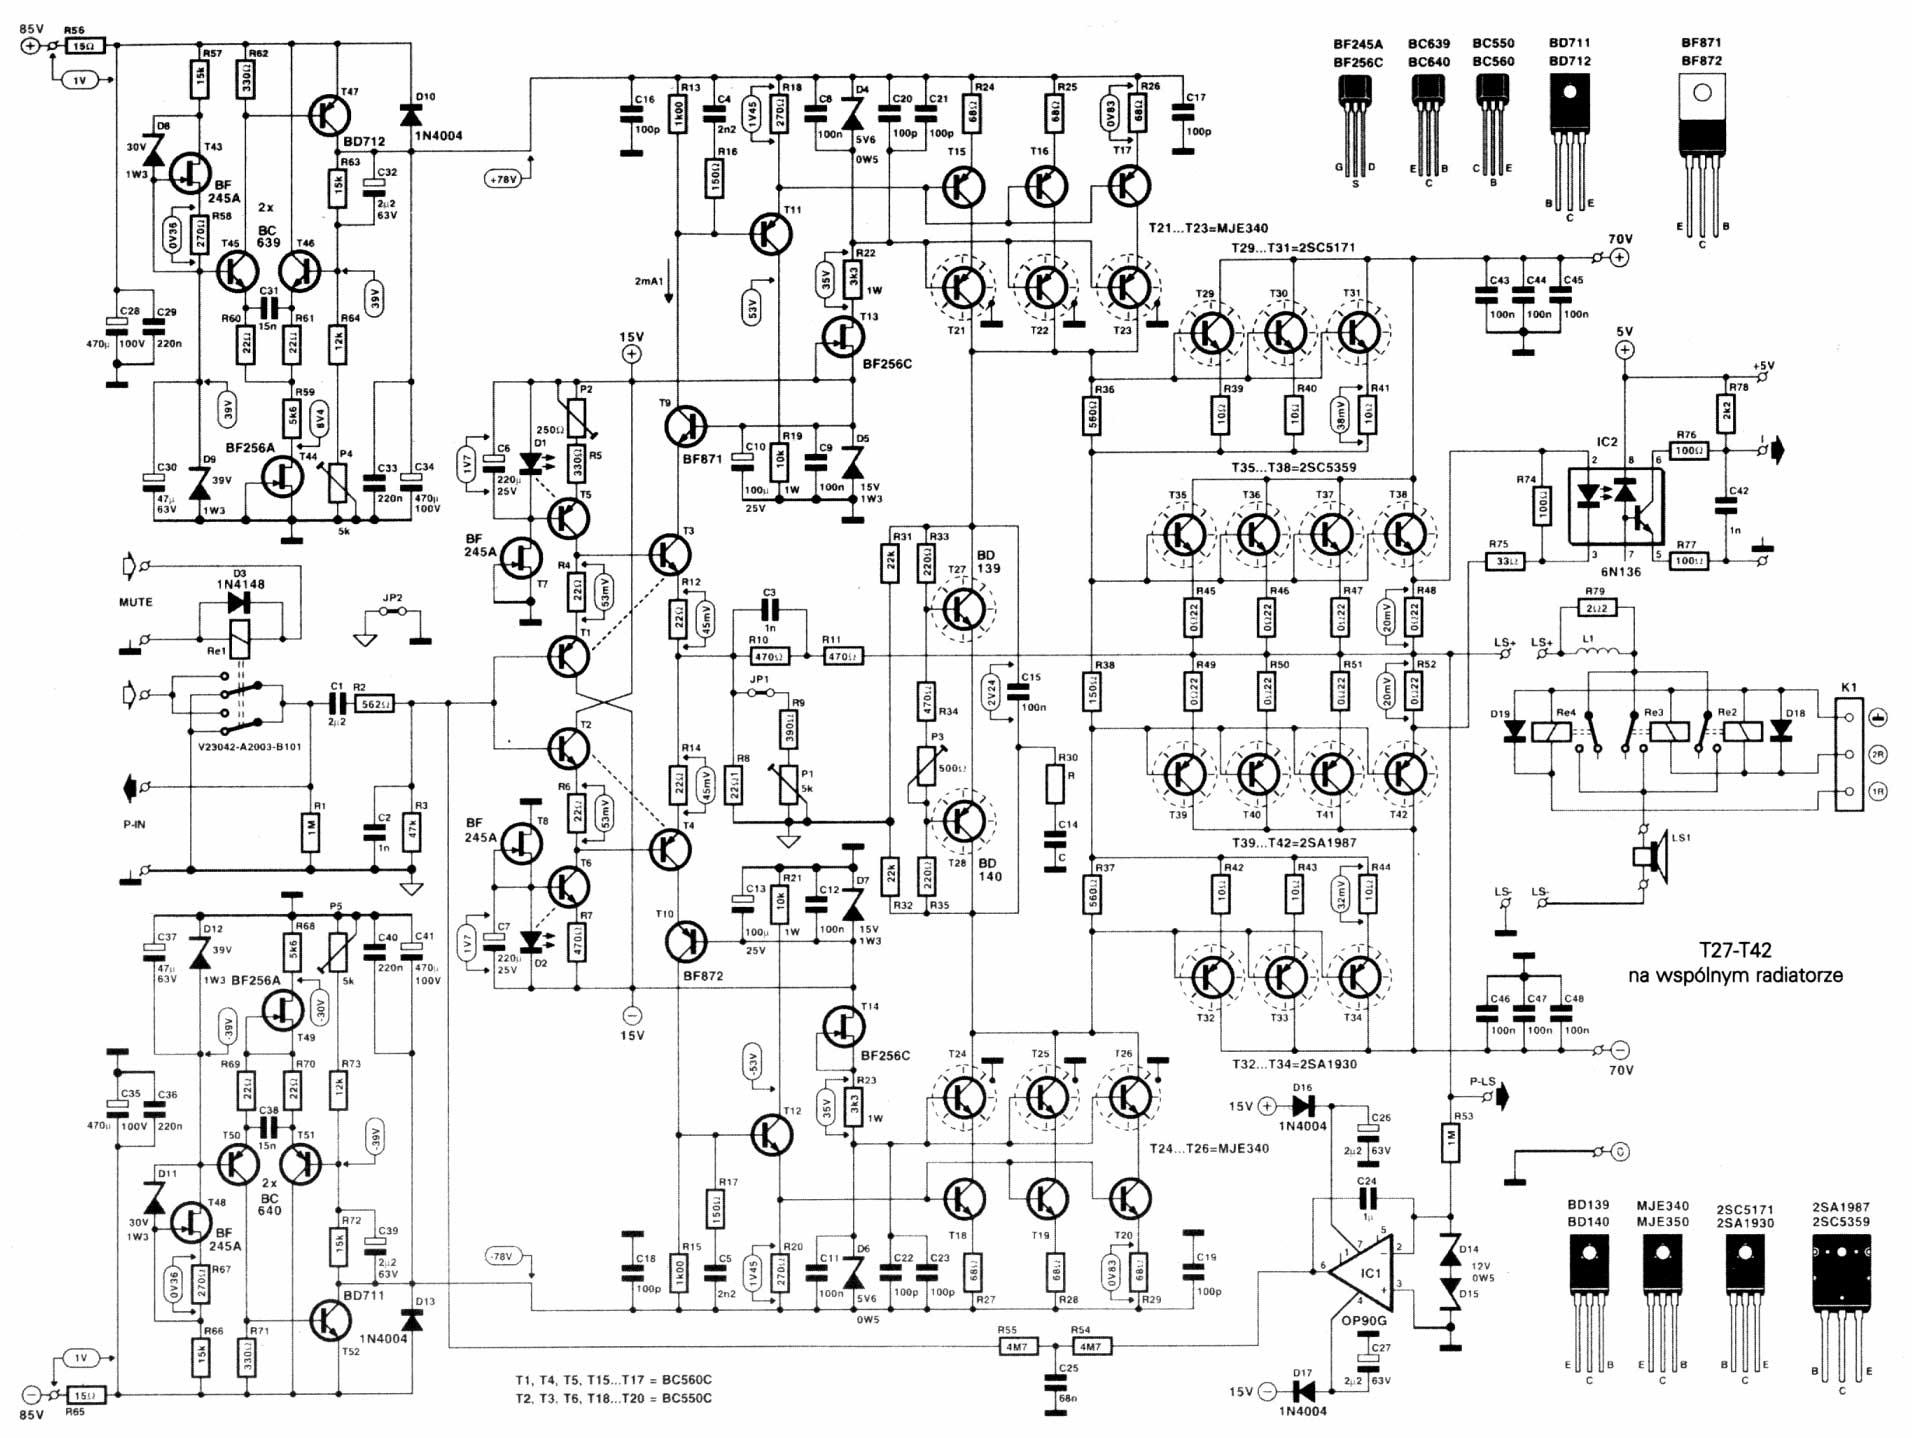 Amplificadores de 250W 500W, 1000W y 1500W RMS